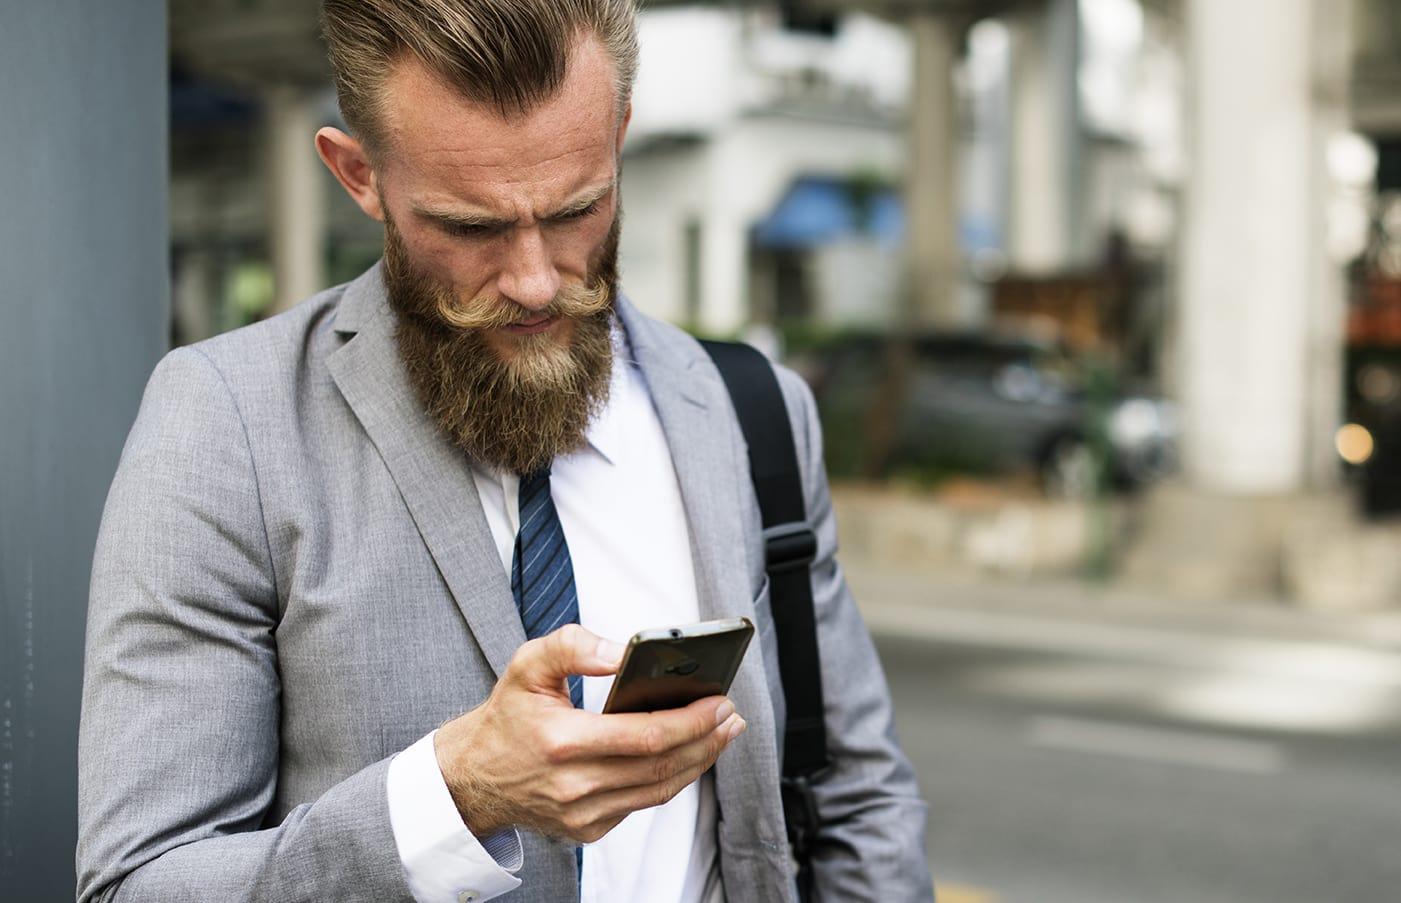 Man Checking Mobile alert